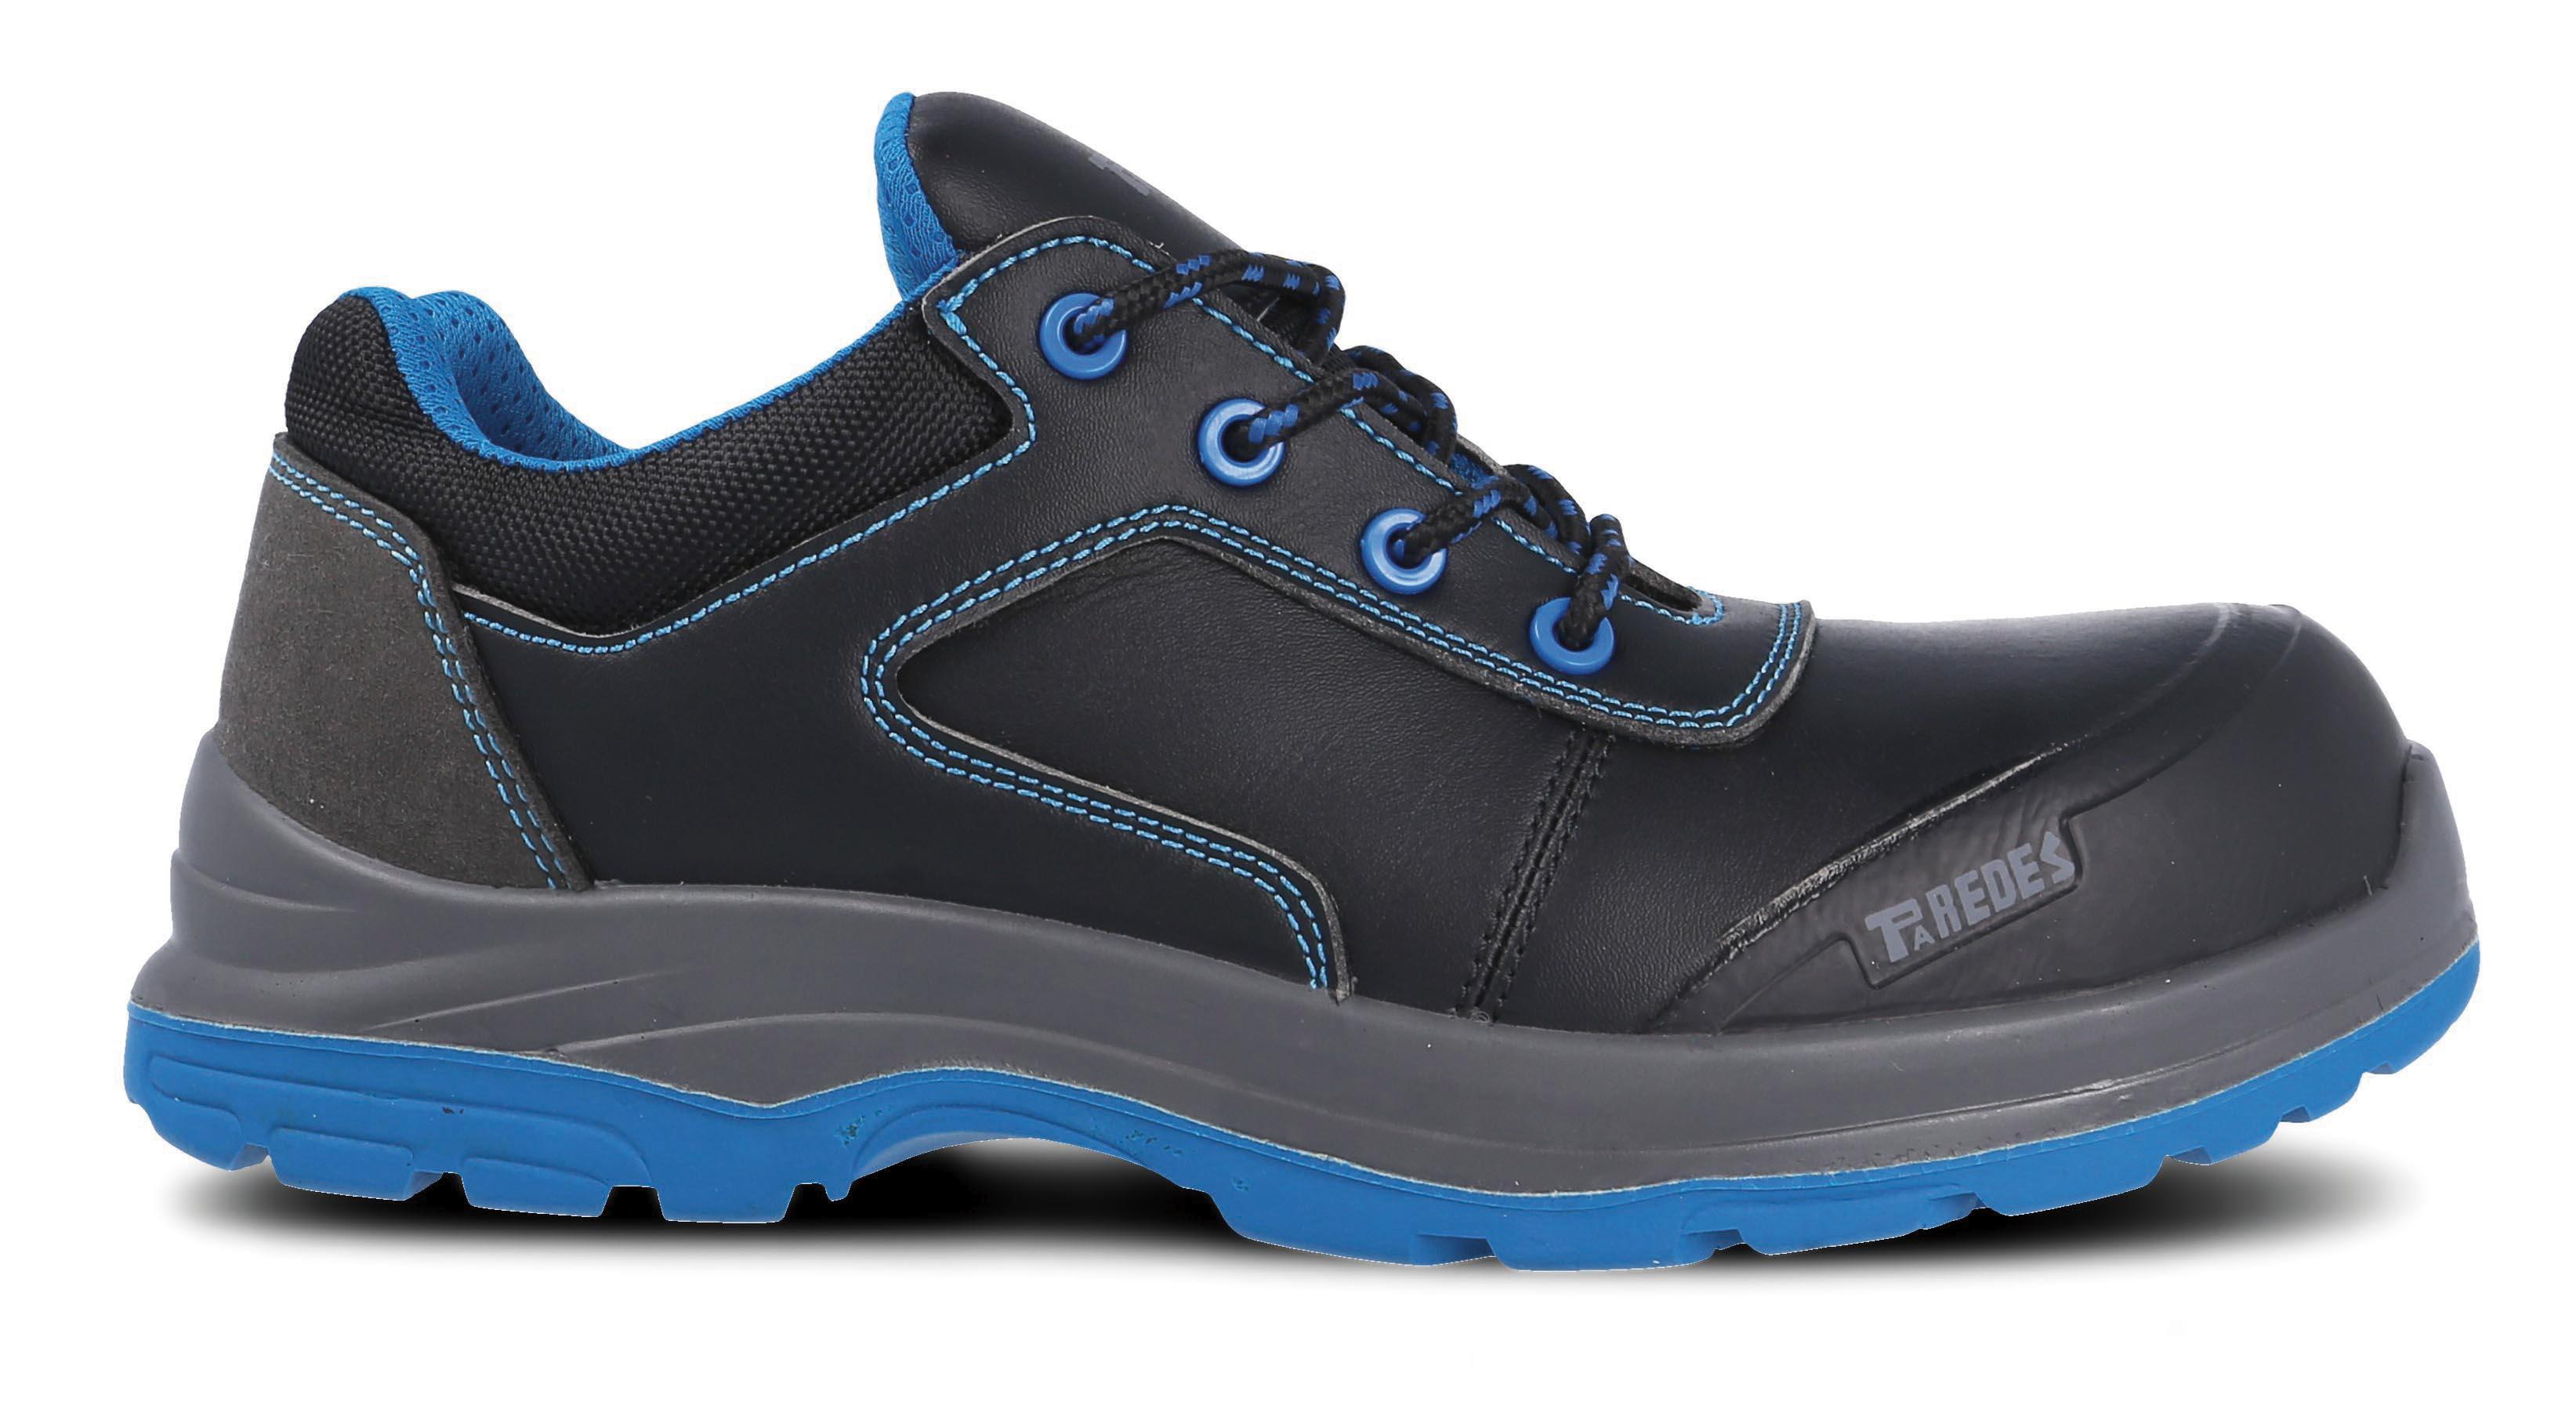 5bf9686794 Zapatos de seguridad con puntera plástica | Comprar zapatos de ...